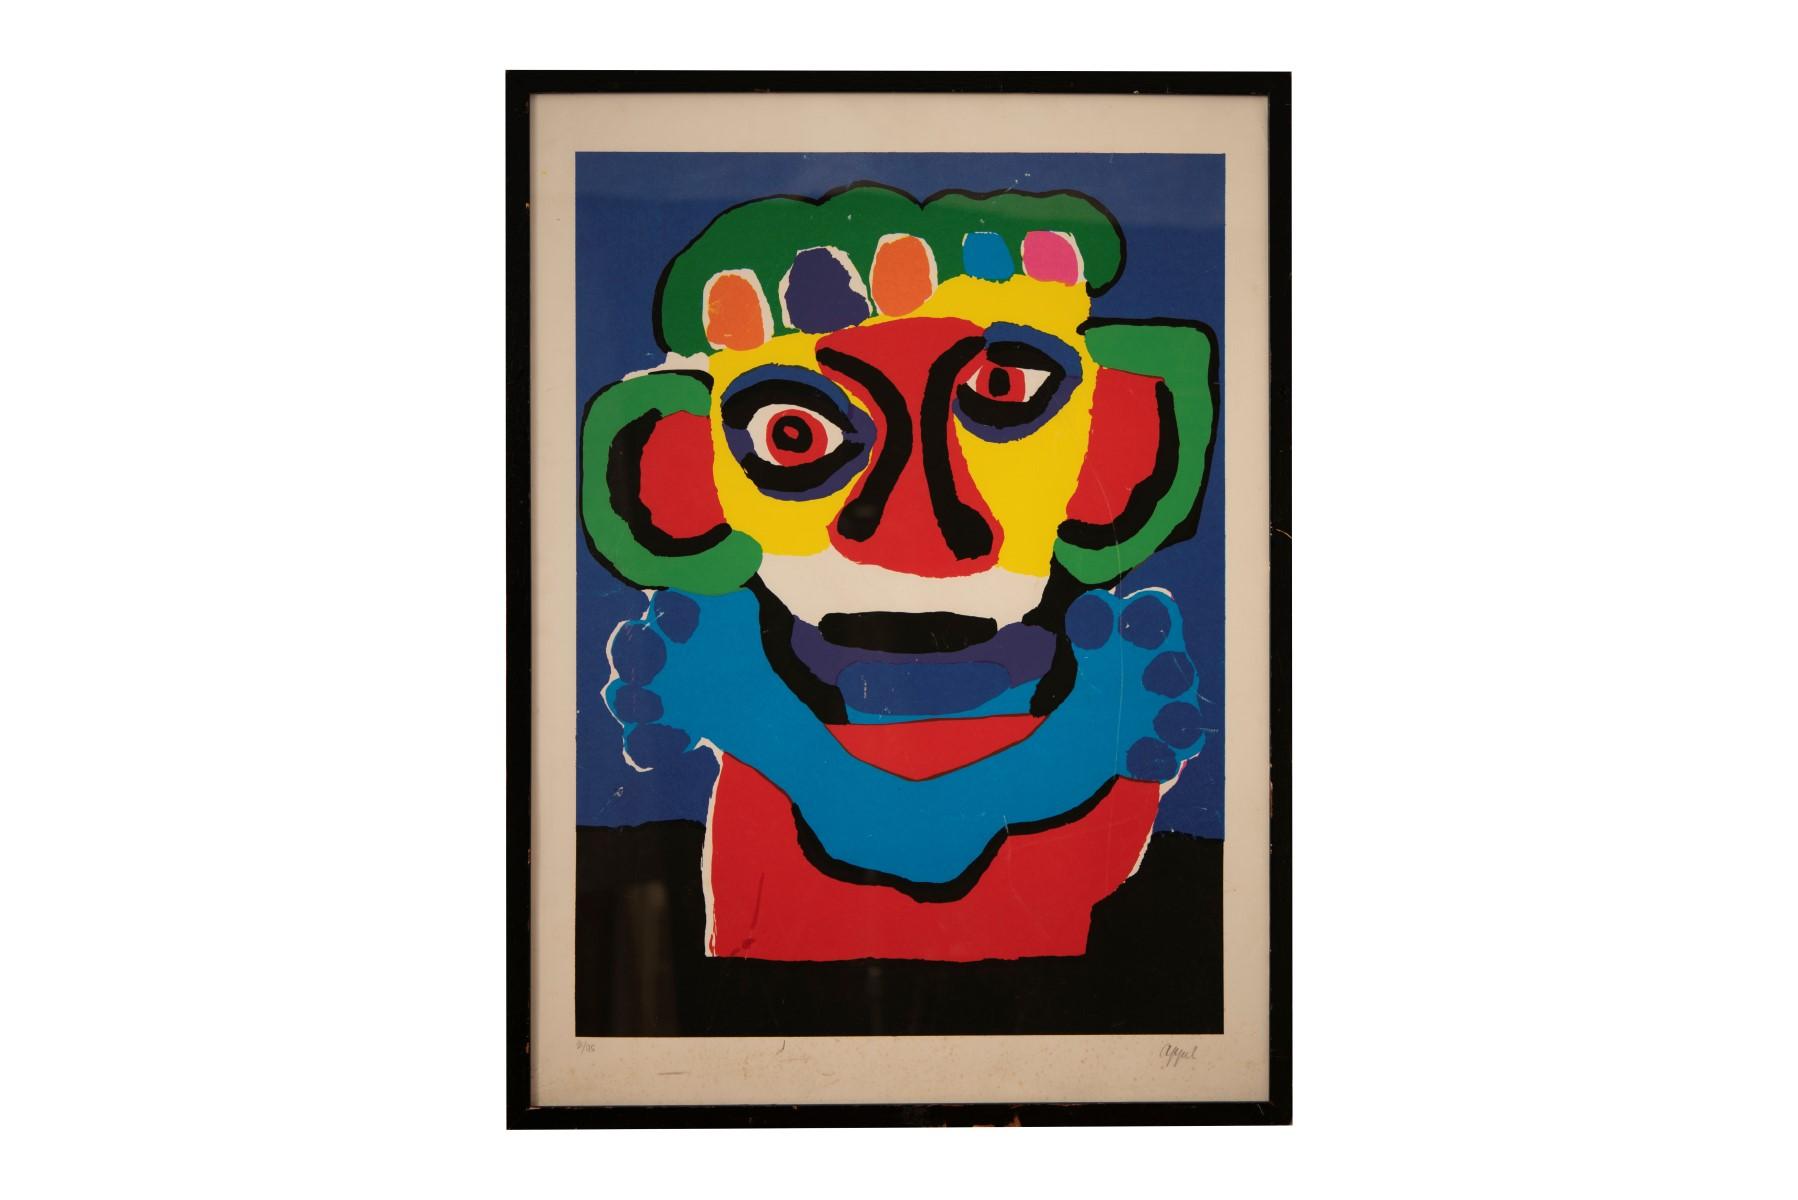 #104 Karel Appel* (1921-2006), Untitled   Karel Appel* (1921-2006), Ohne Titel Image